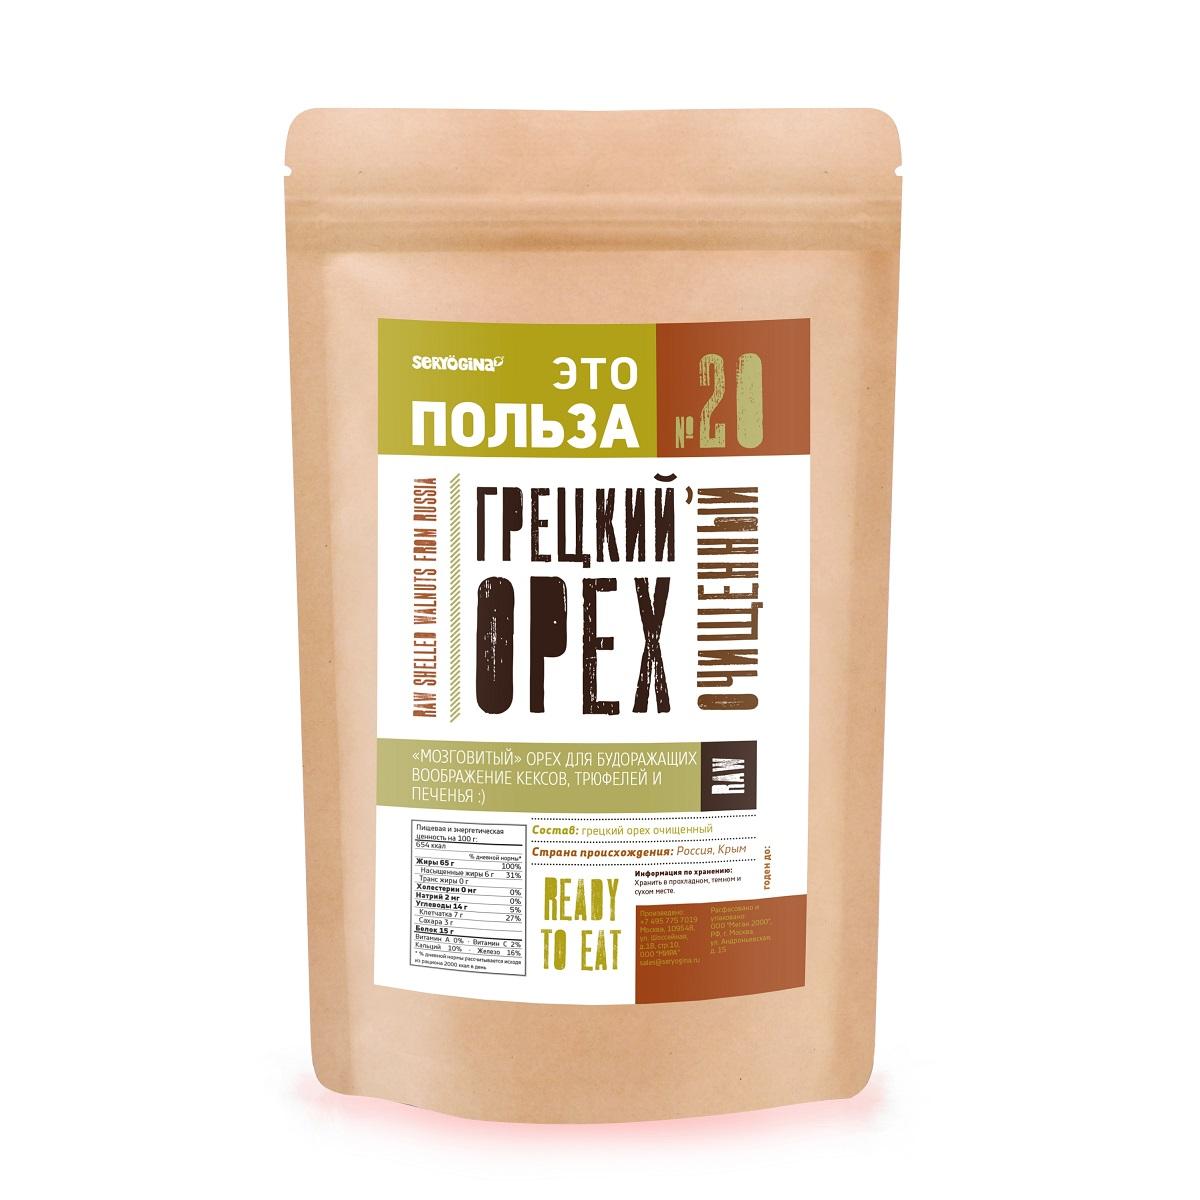 Seryogina Грецкий орех очищенный, 400 г4670018270083В орехах около 70% жира, большая часть этих жиров – ненасыщенные, а значит, полезные. Антиоксиданты, содержащиеся в грецких орехах, в 2-15 раз эффективнее витамина Е, известного своими способностями противостоять естественным окислительным процессам в организме.